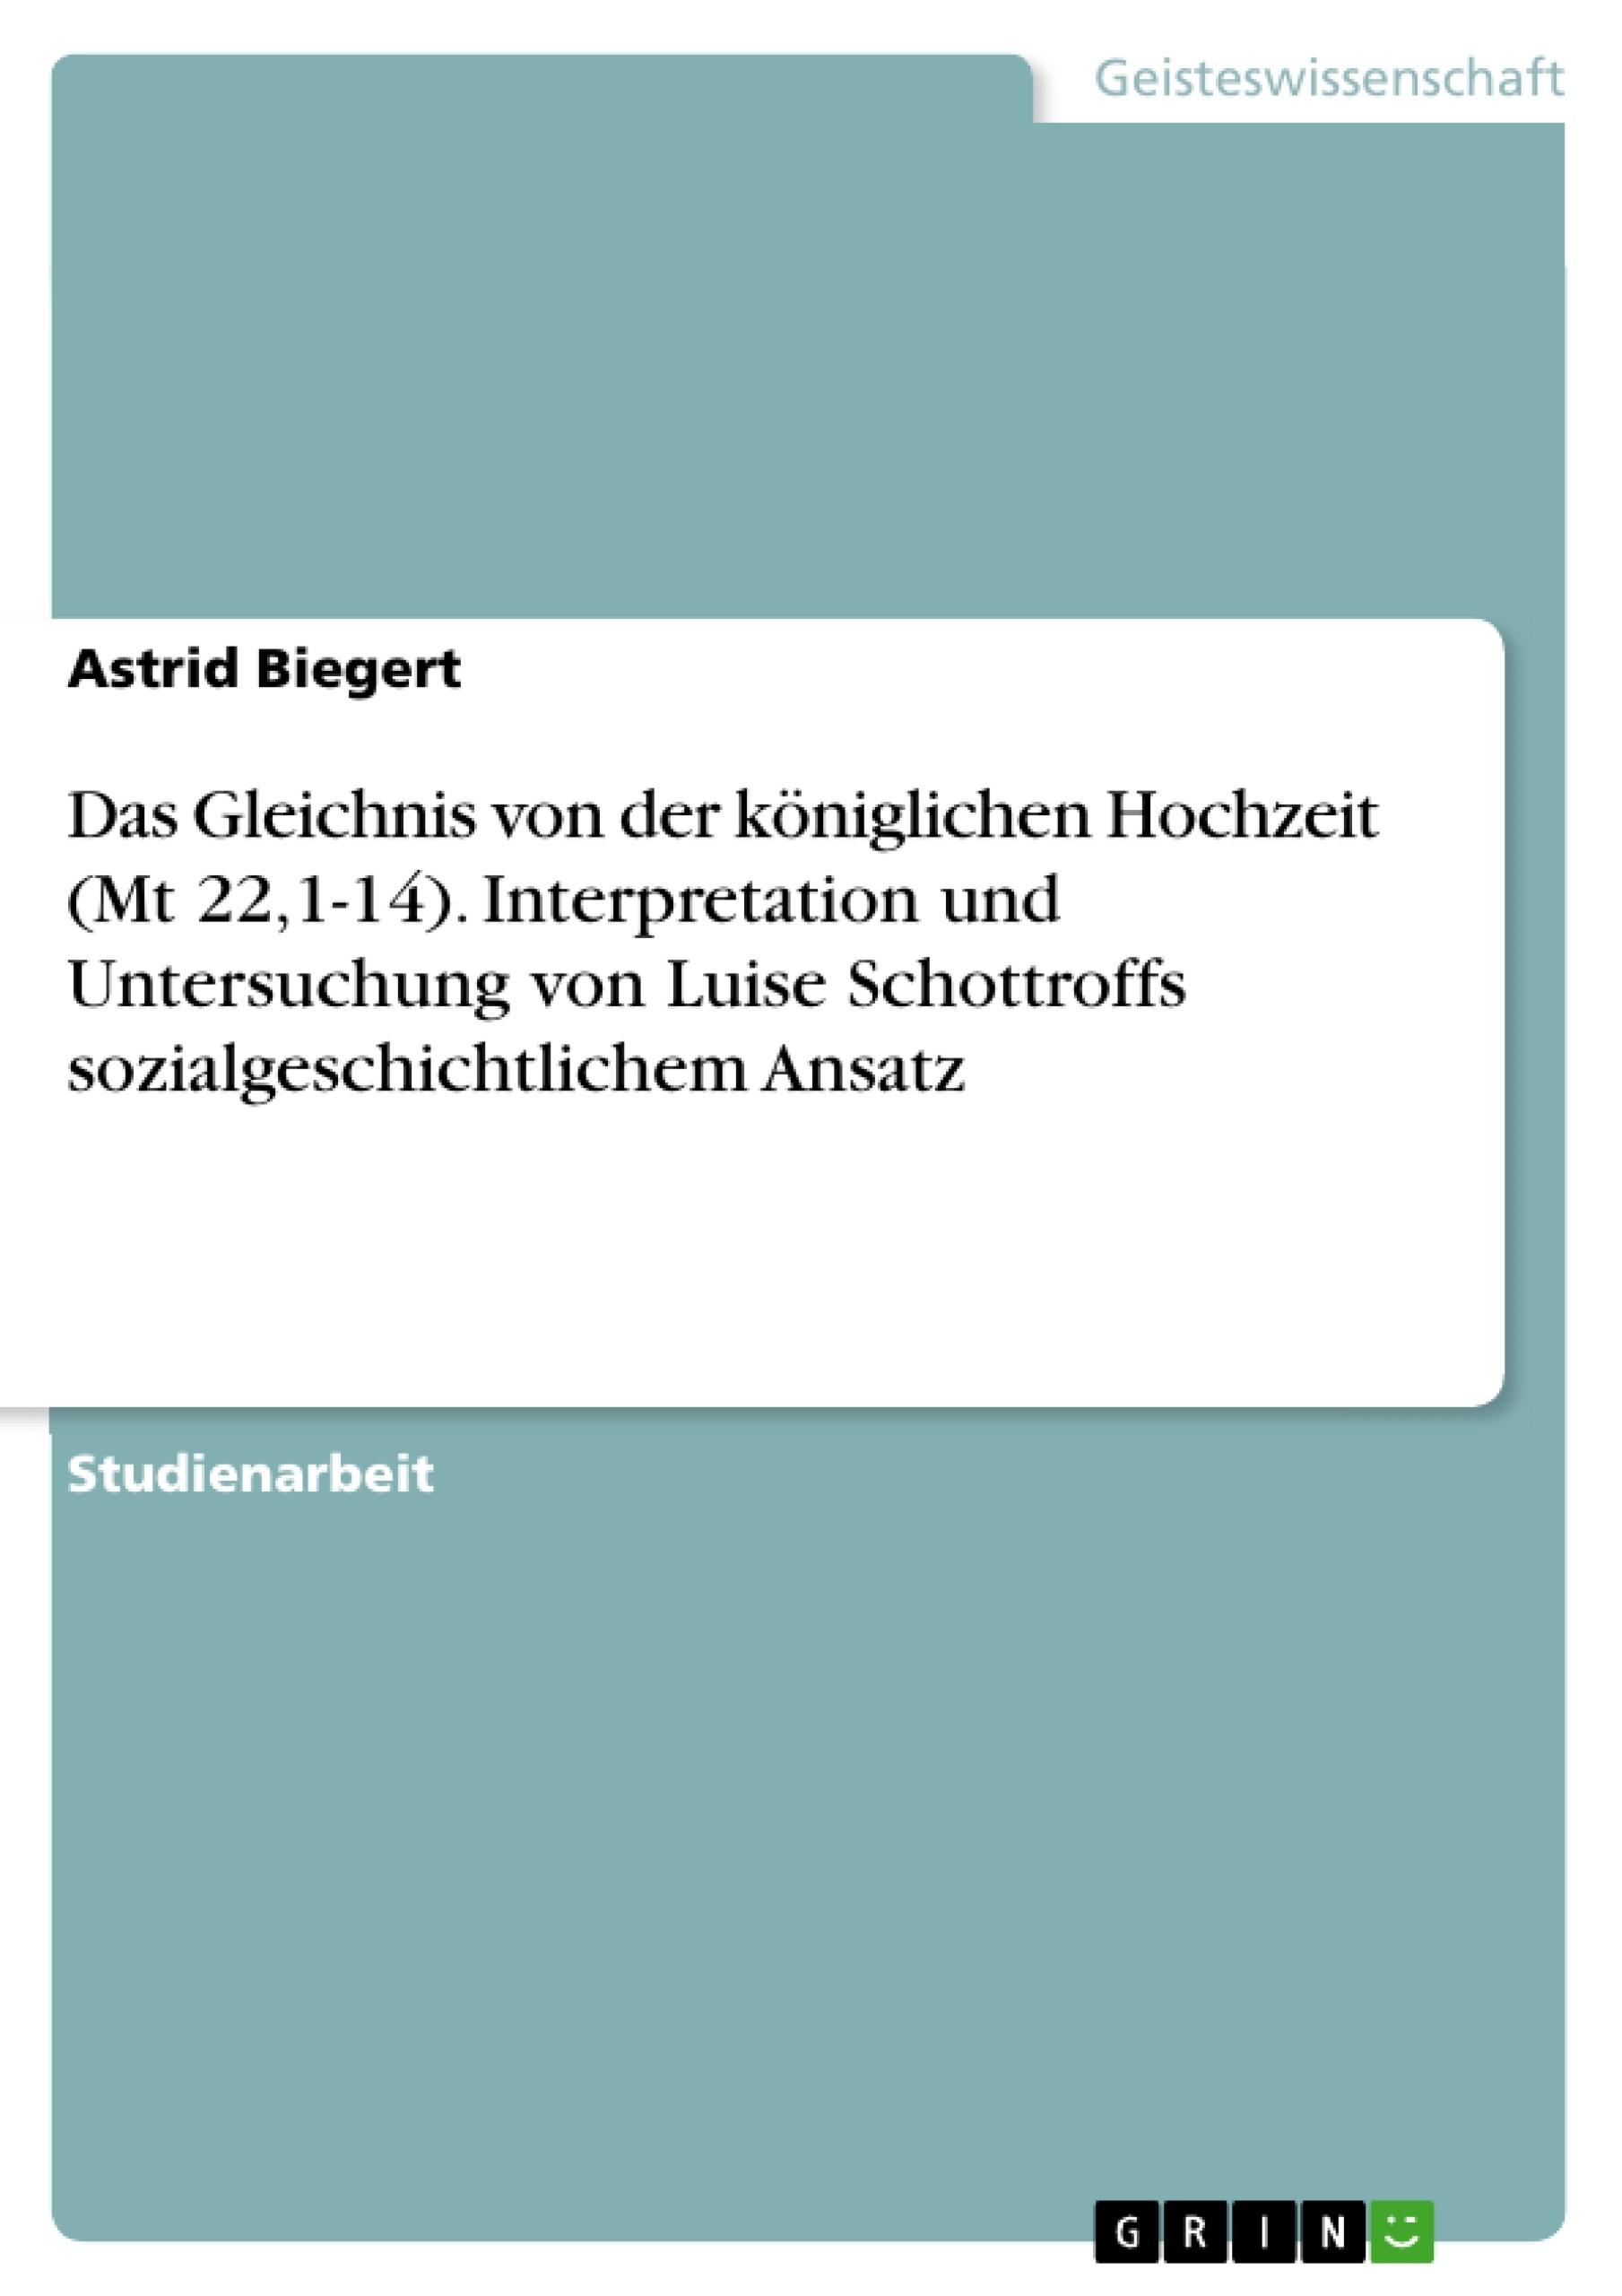 Titel: Das Gleichnis von der königlichen Hochzeit (Mt 22,1-14). Interpretation und Untersuchung von Luise Schottroffs sozialgeschichtlichen Ansatzes